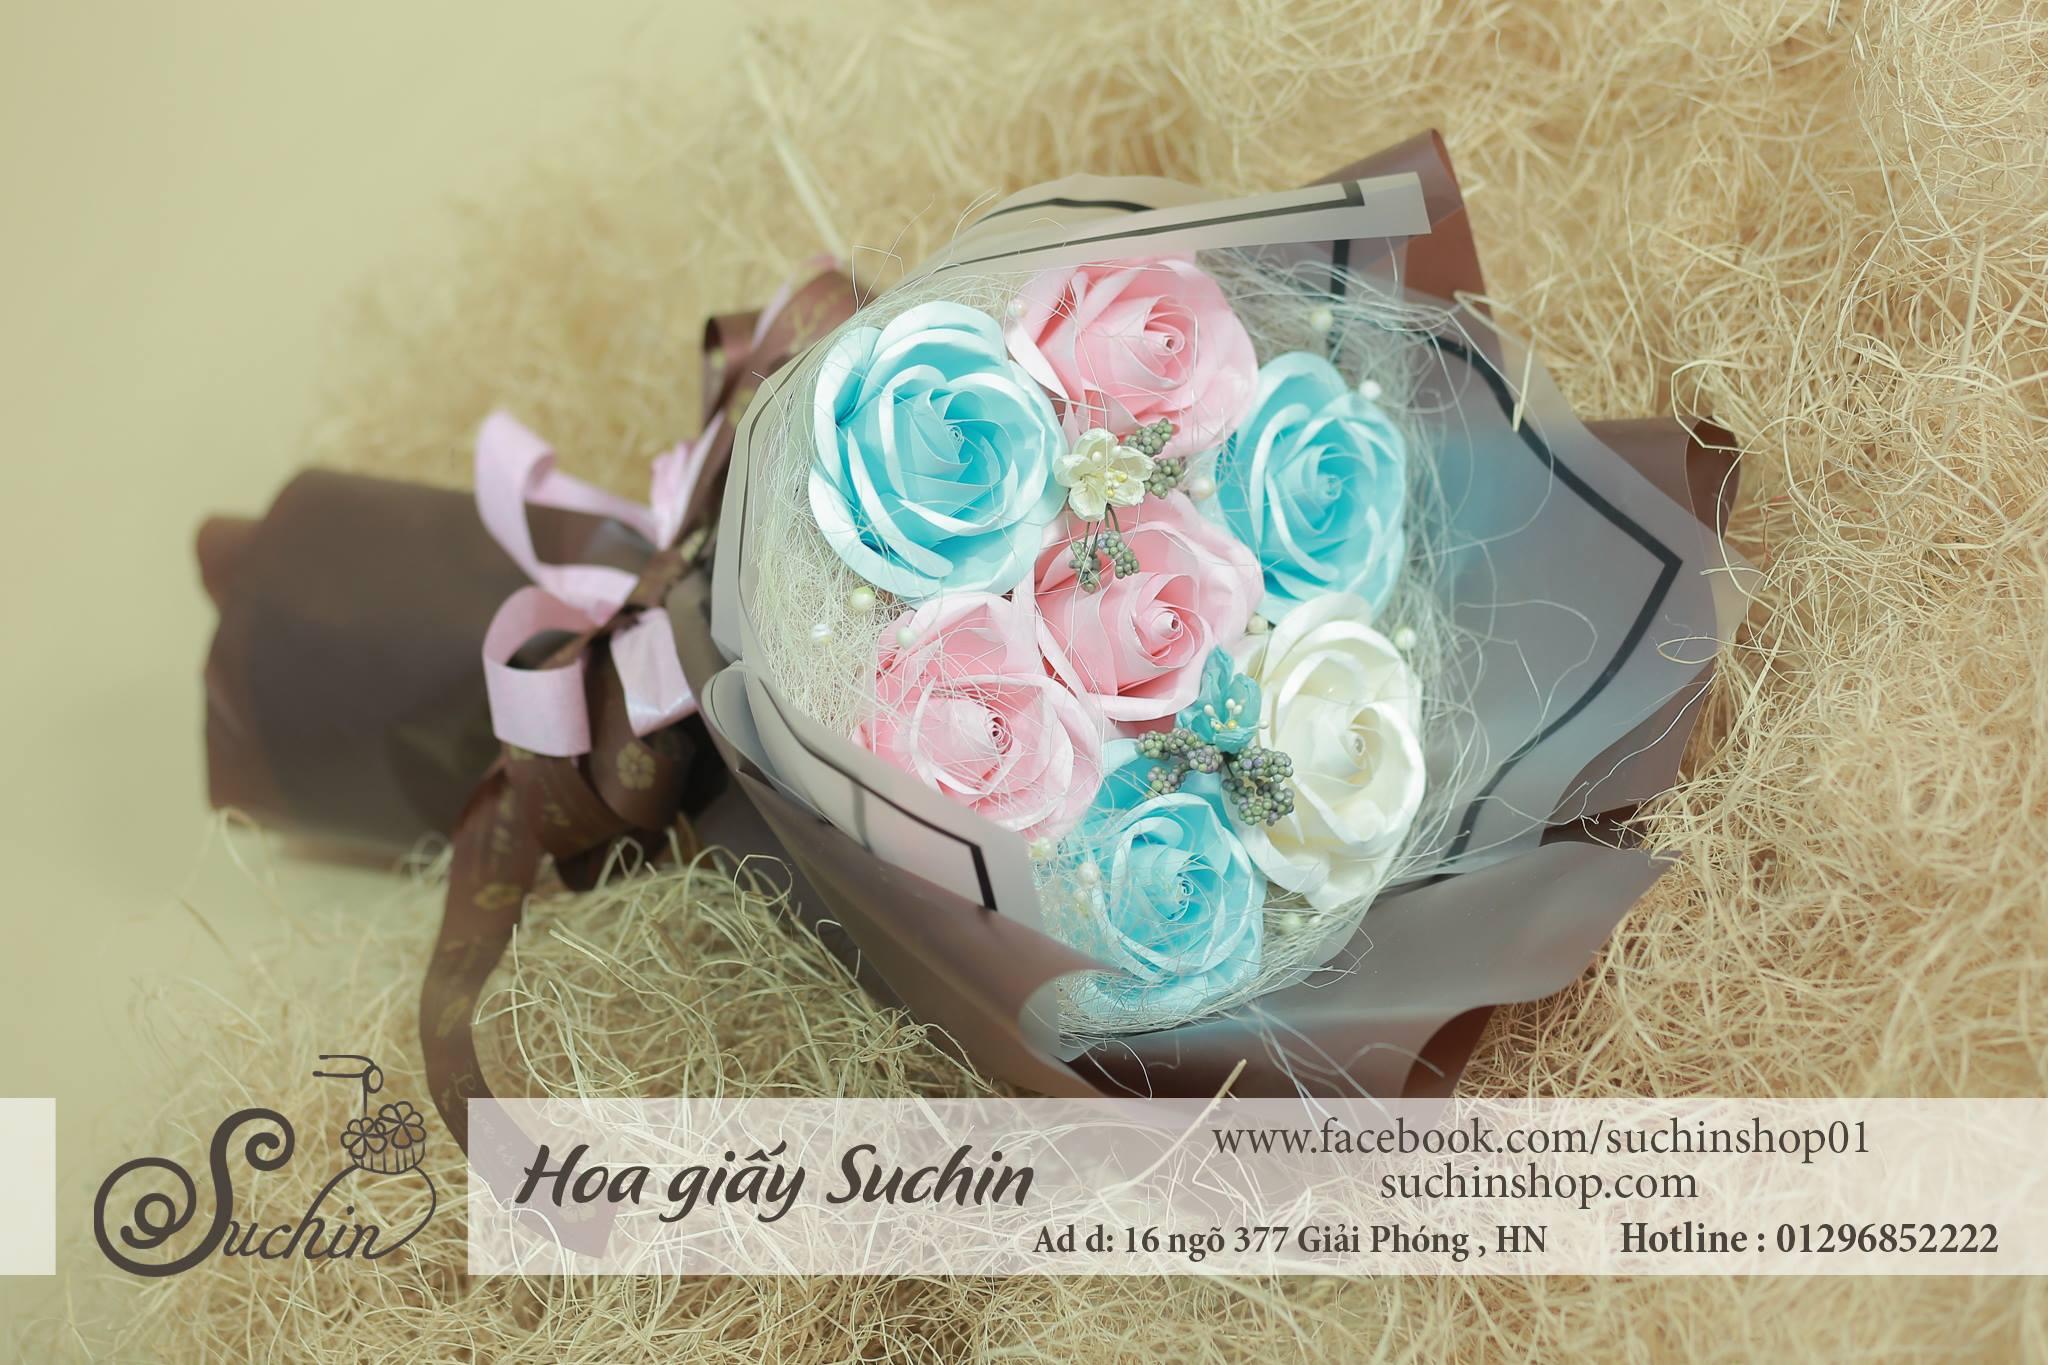 Bó hoa giấy tone màu xanh hồng